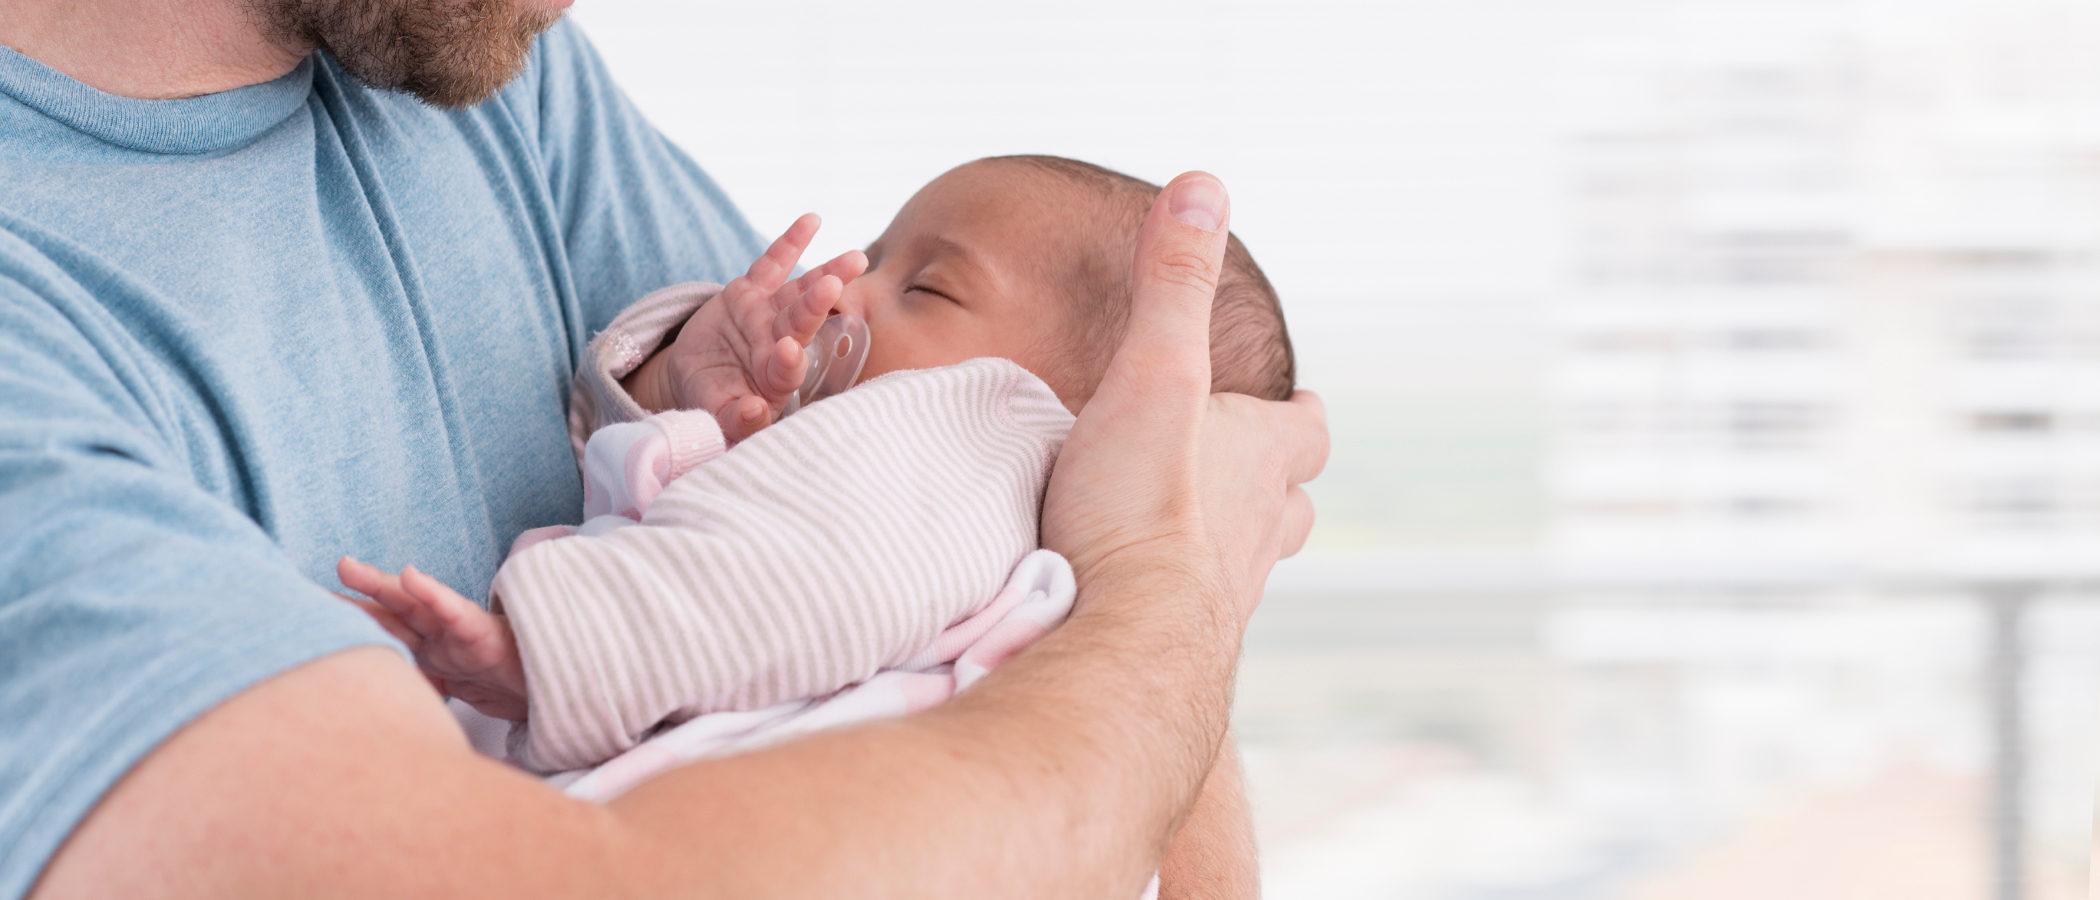 Qué hacer si mi bebé está por debajo del peso normal